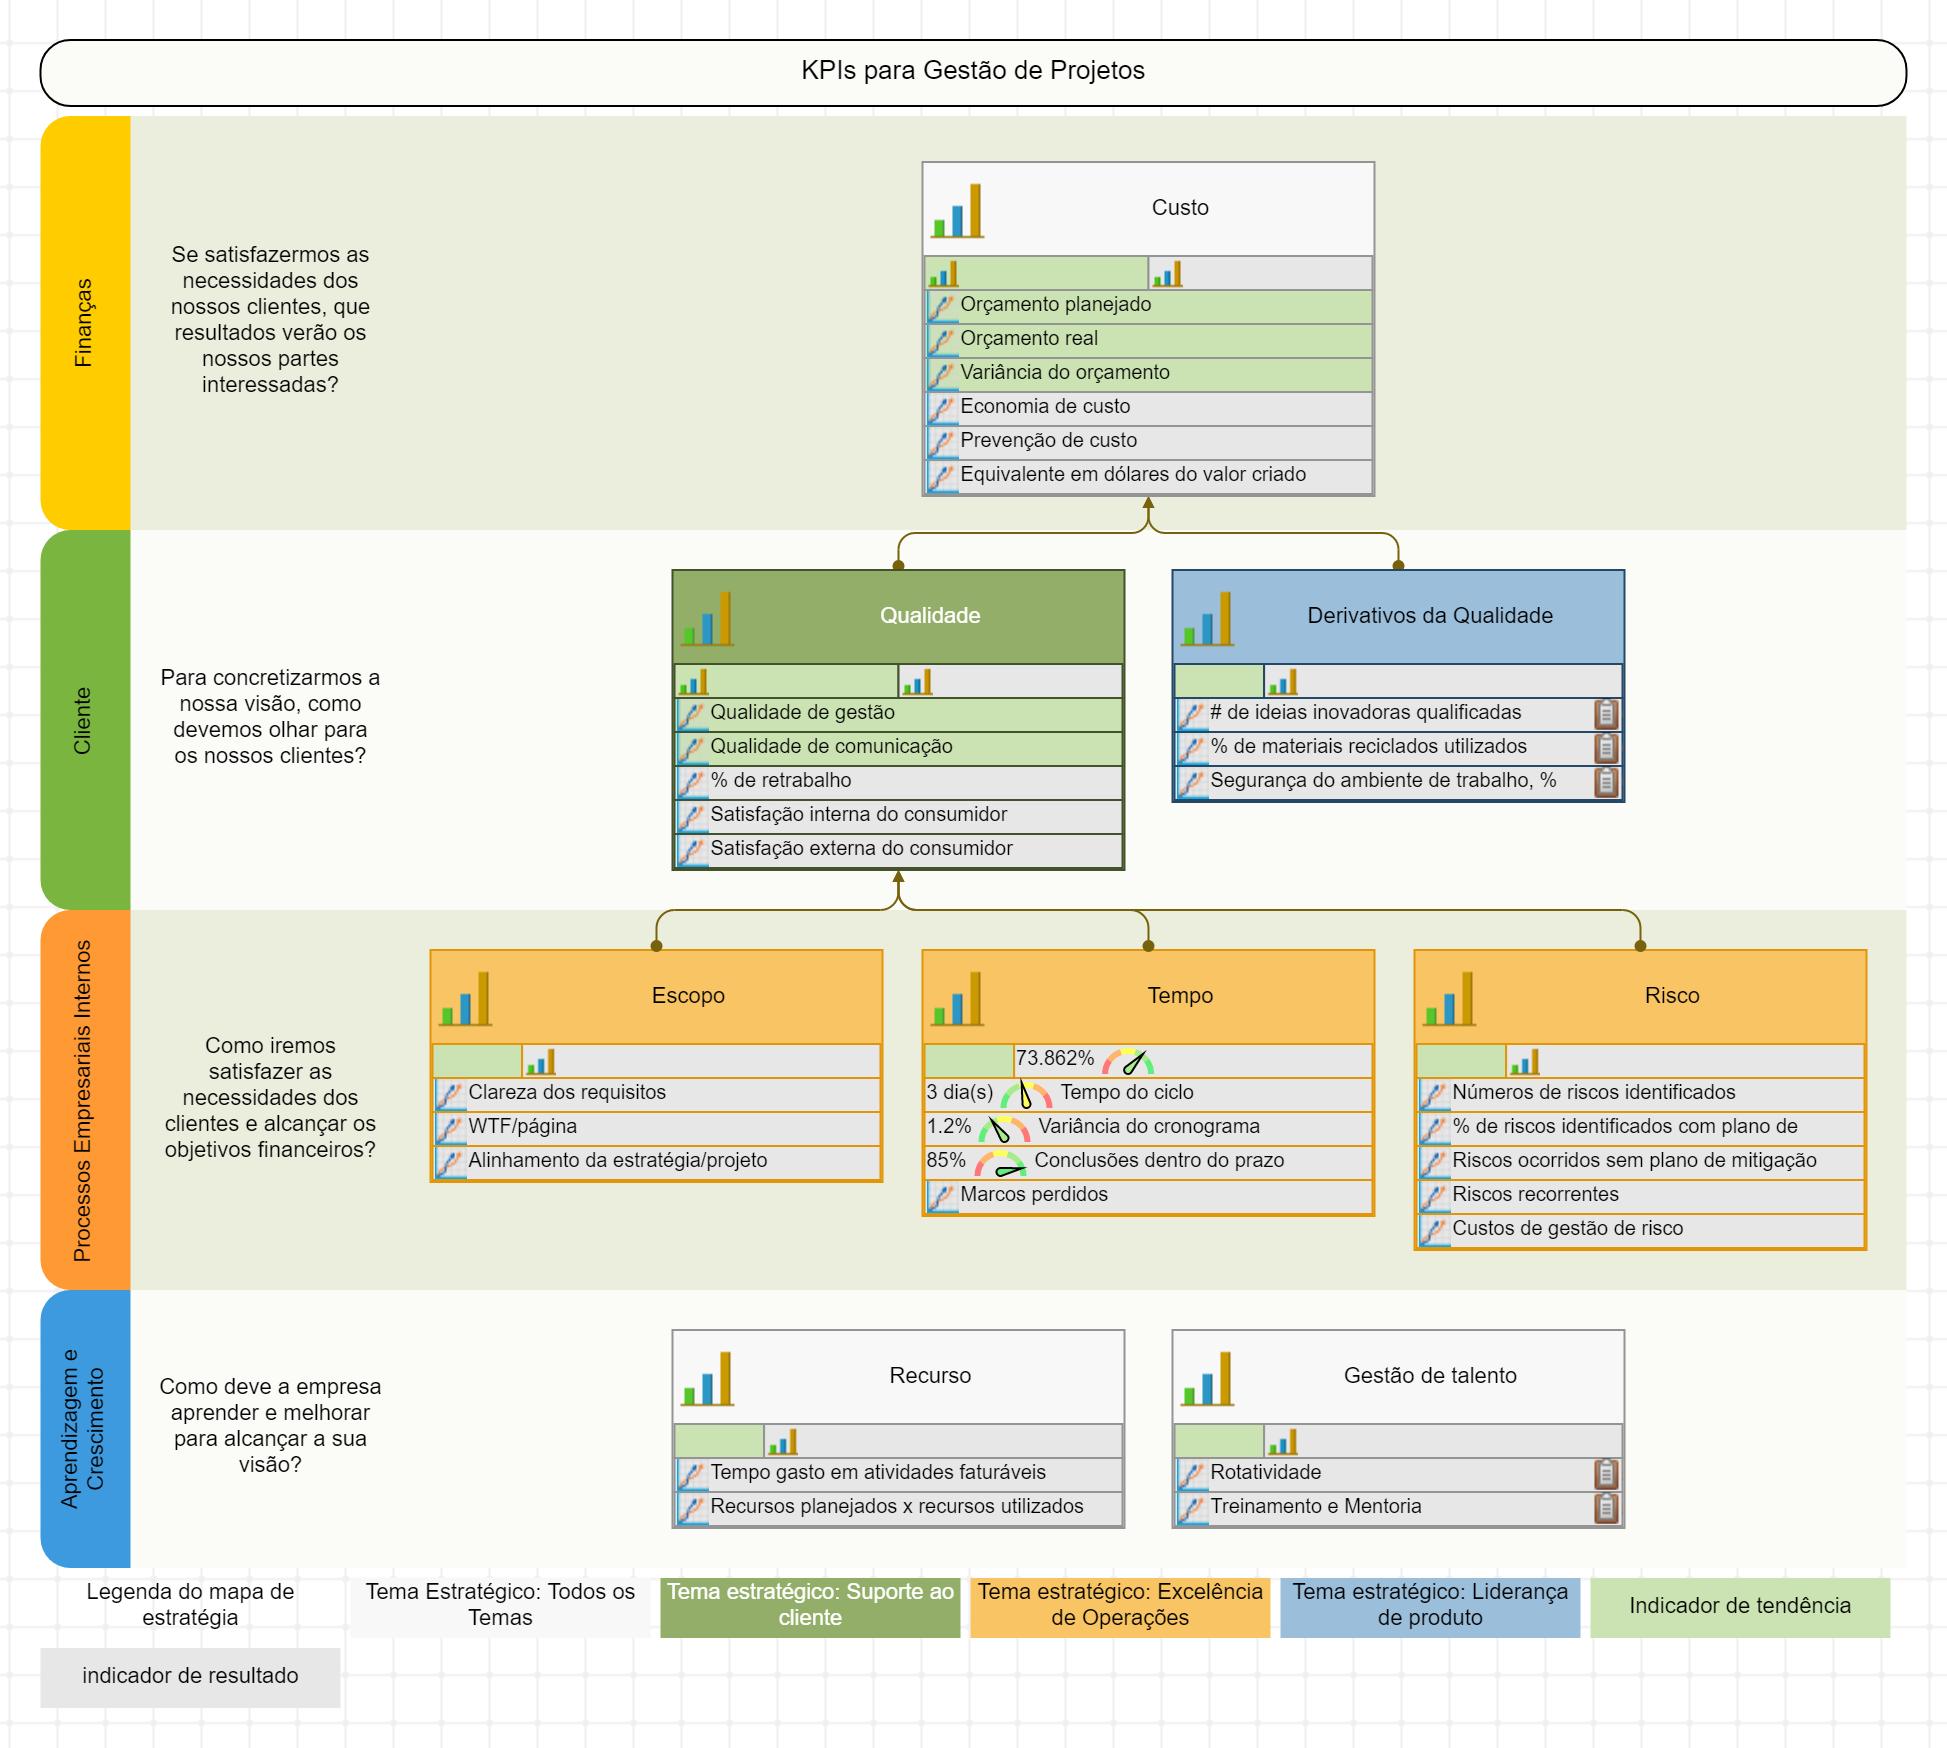 KPIs de Gestão de Projetos no mapa estratégico